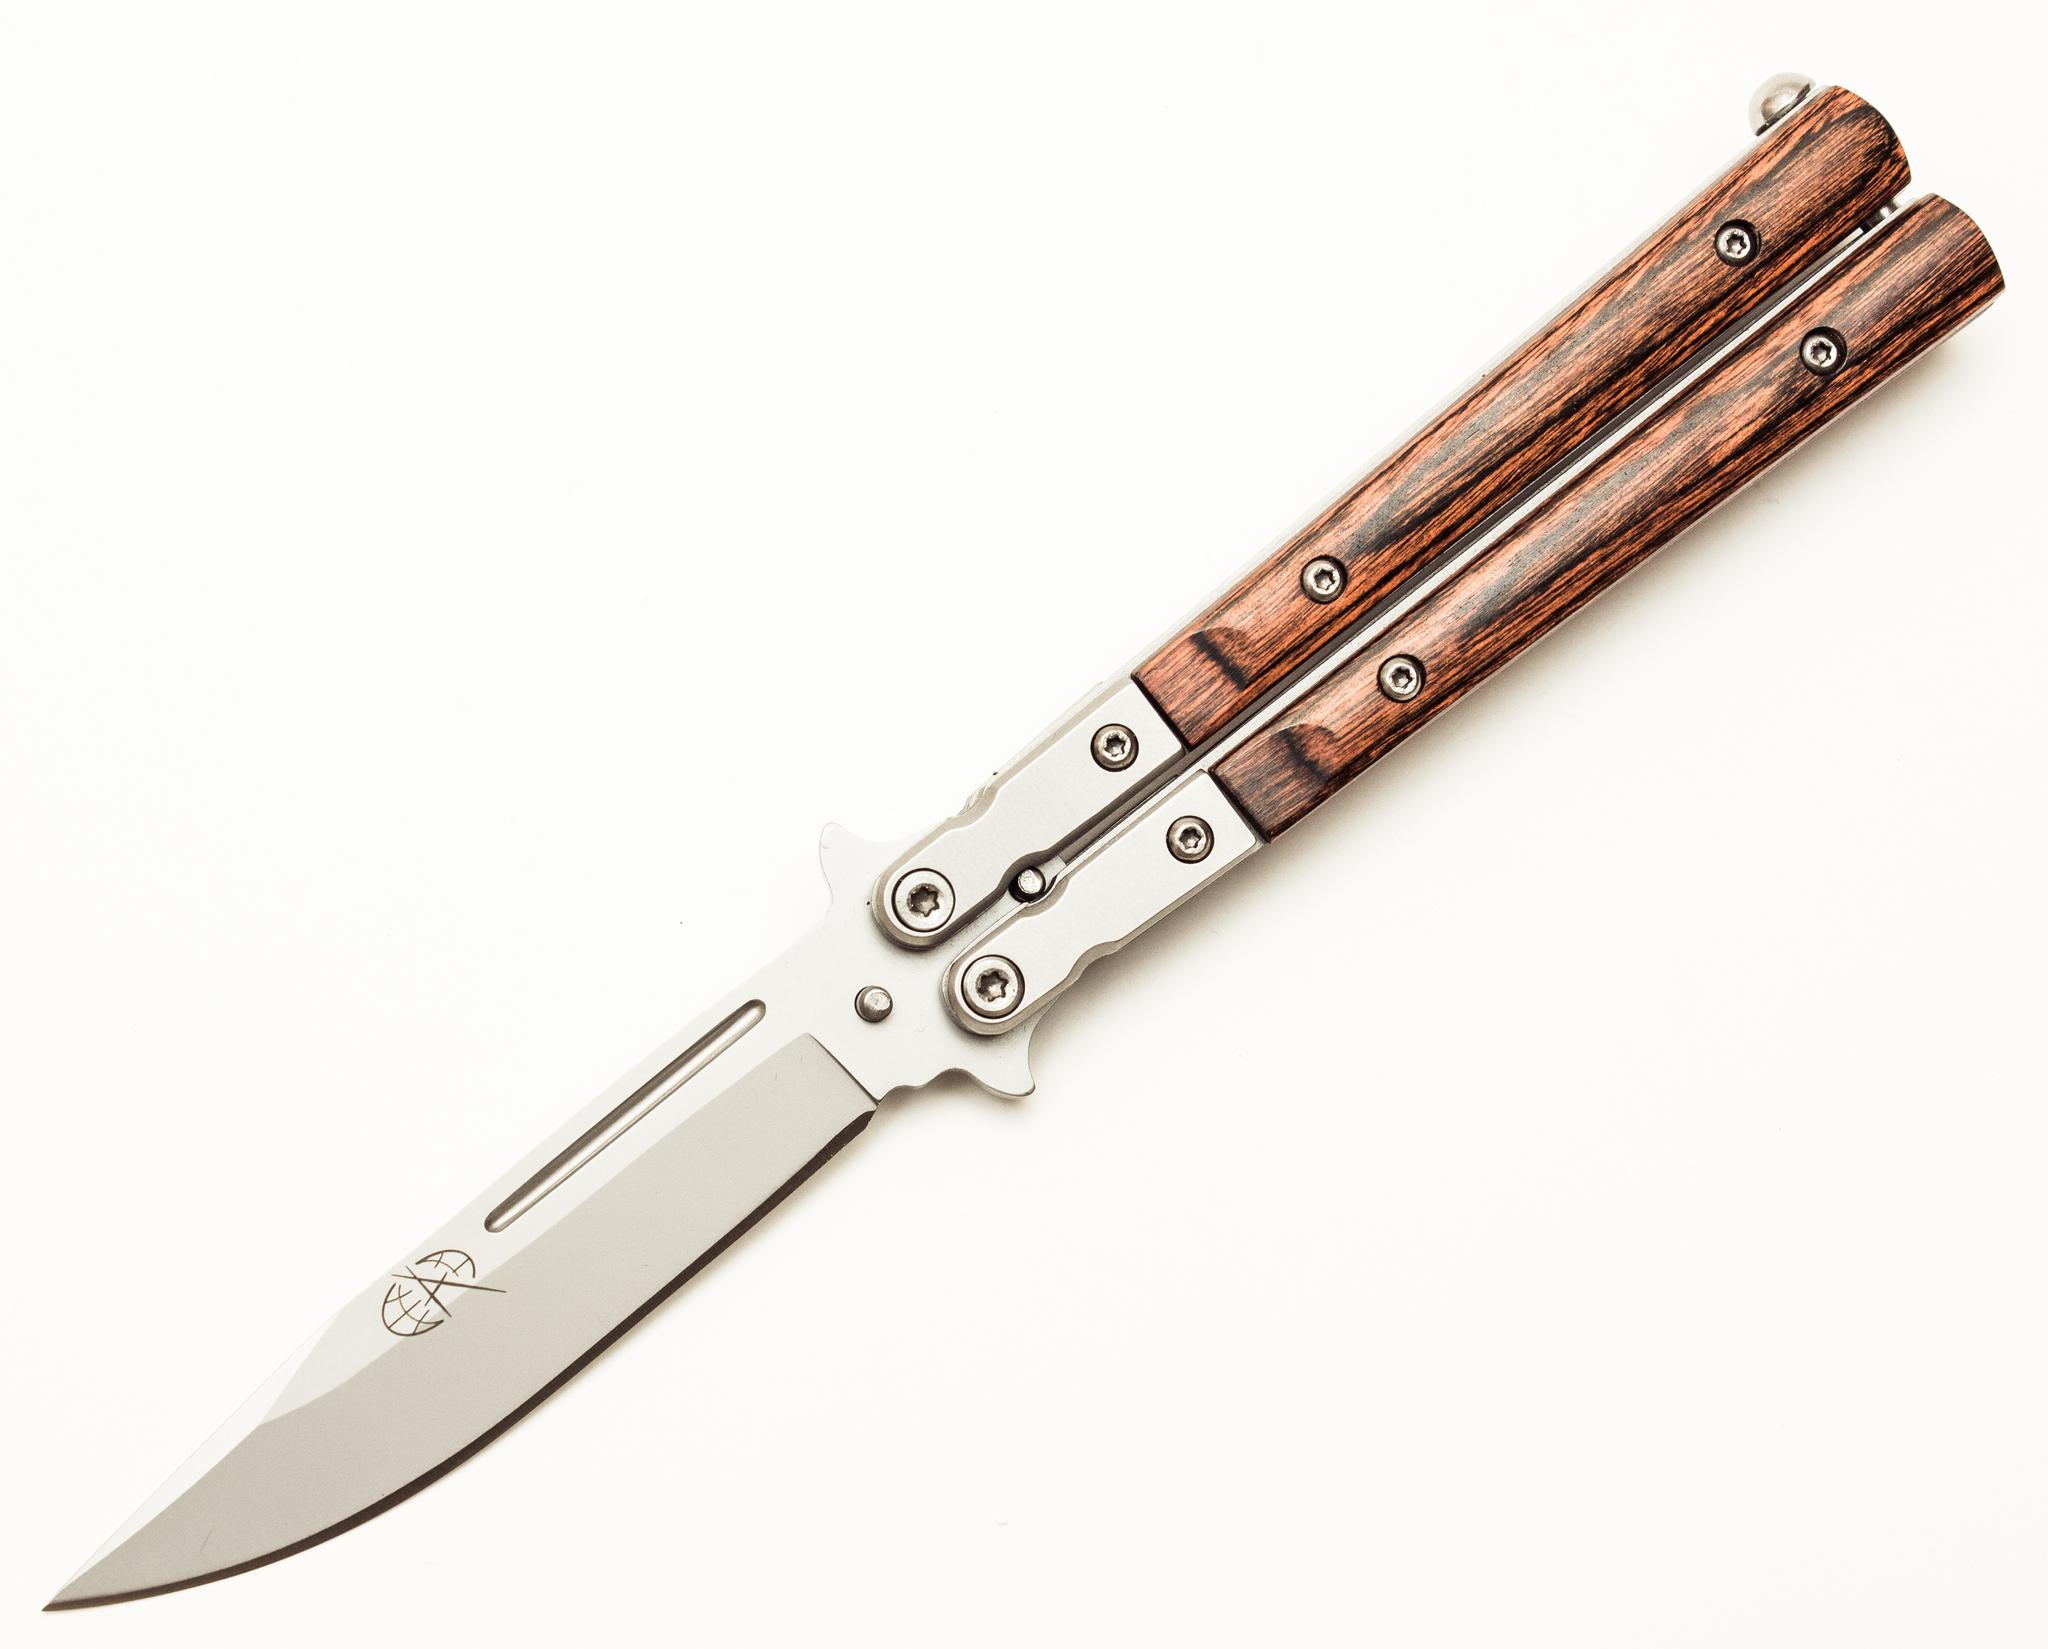 Нож-бабочка (балисонг) T700 от Pirat